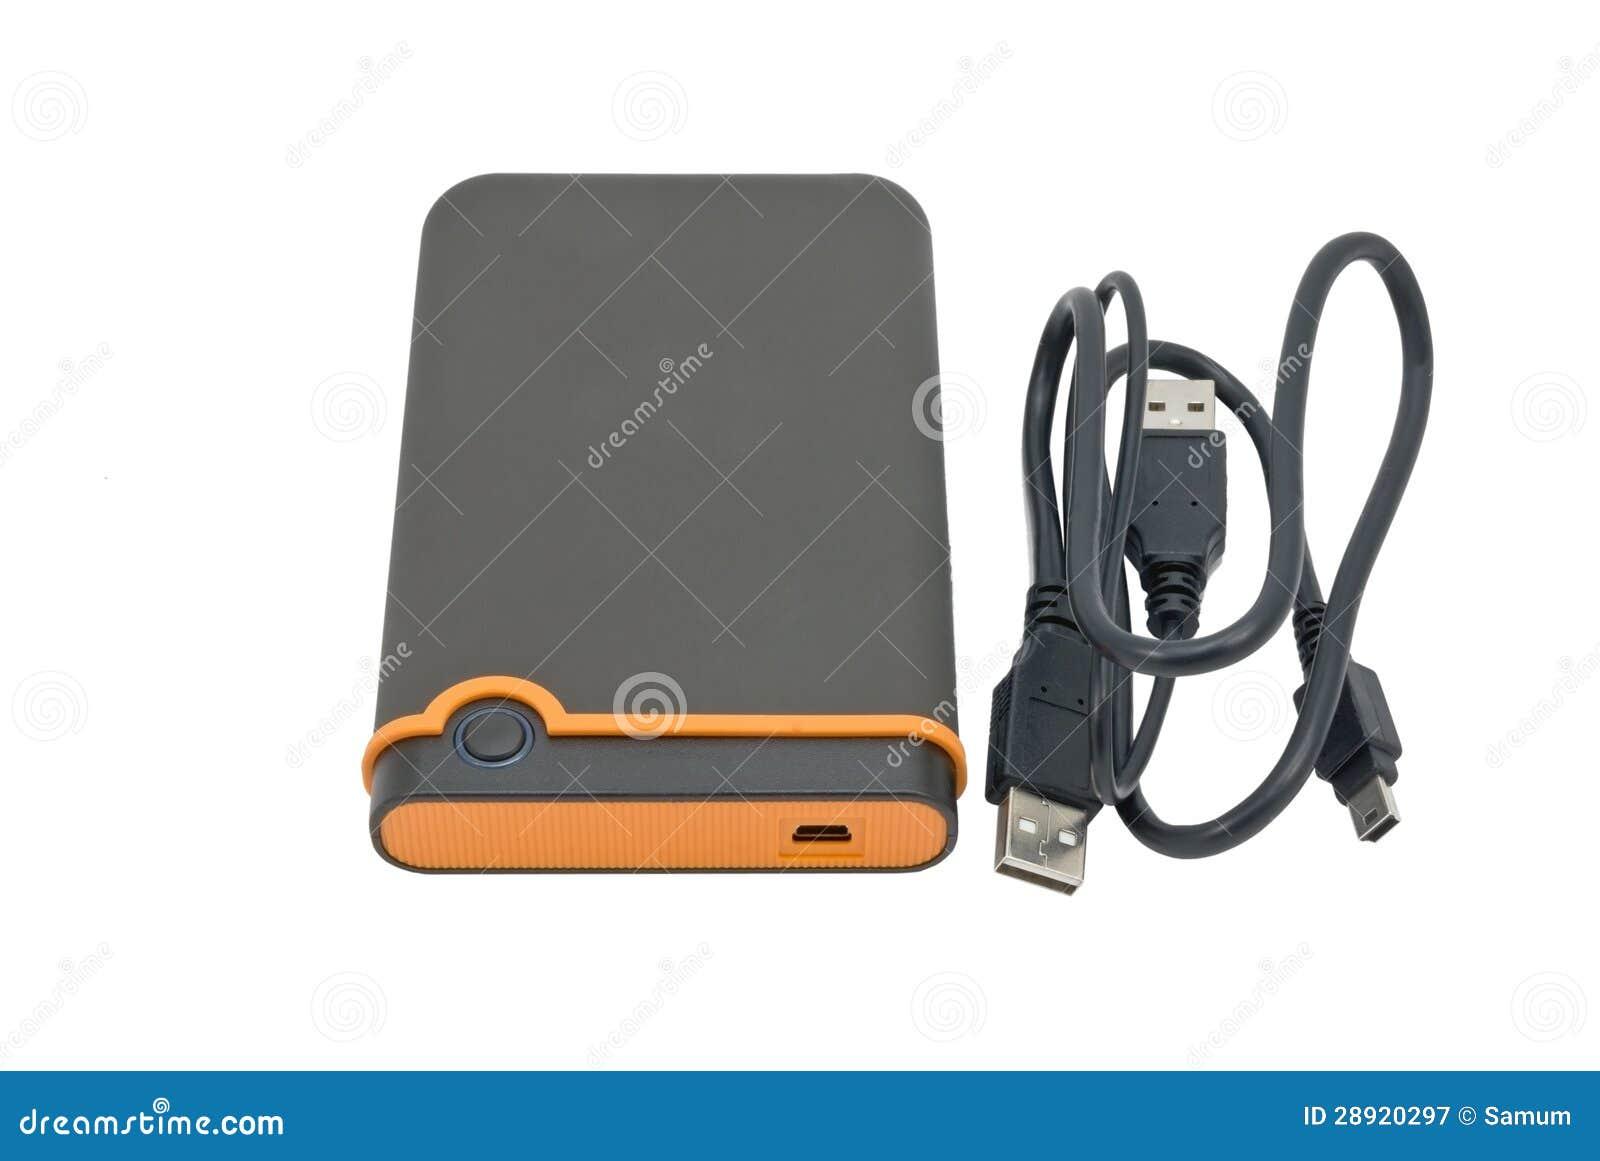 Lecteur de disque dur externe